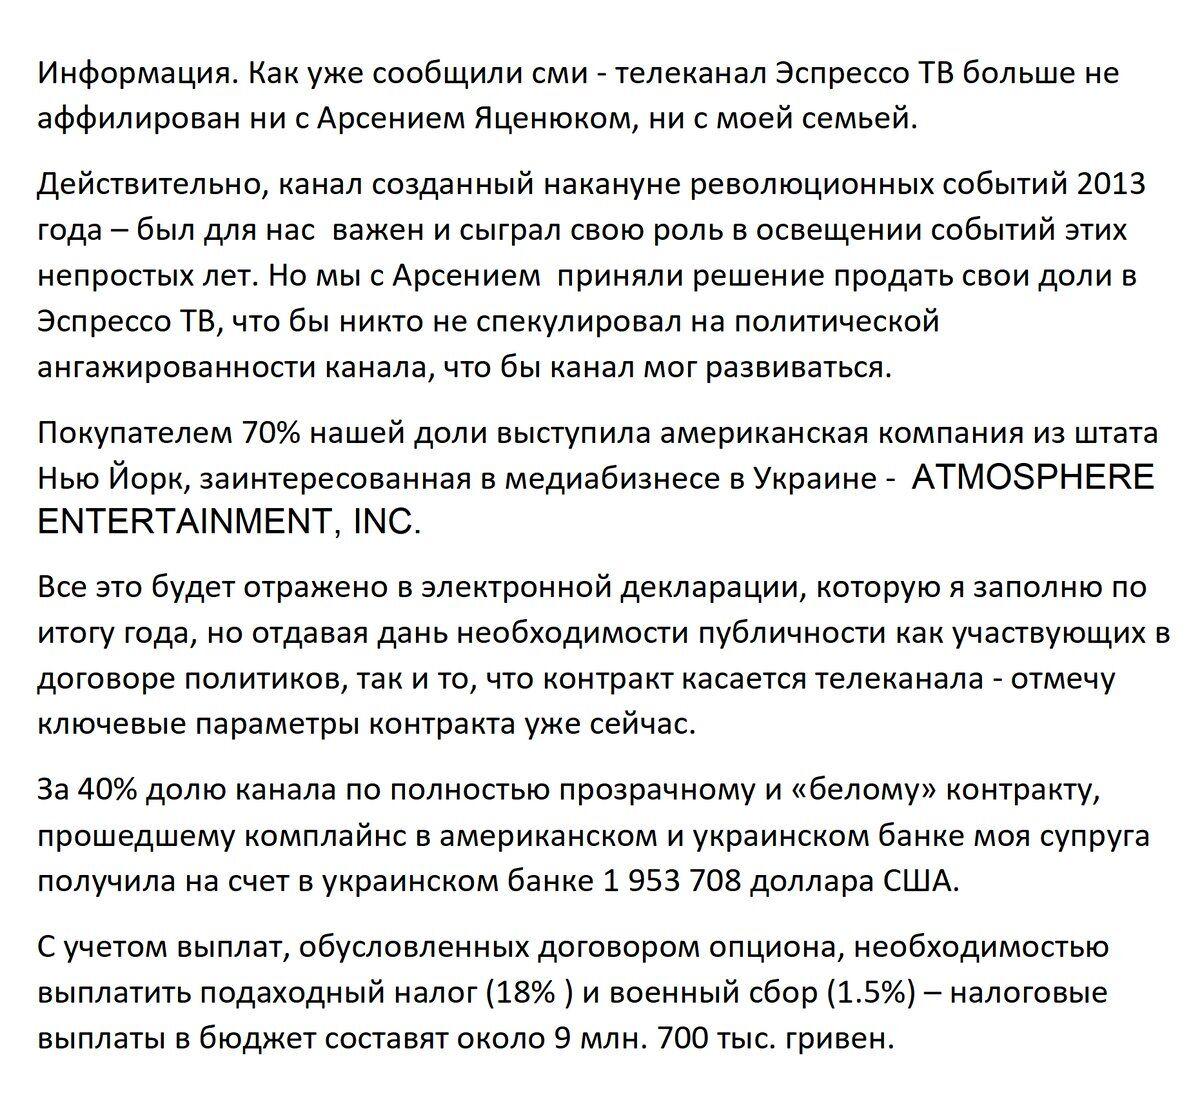 Счет на миллионы: сколько семья Авакова получила за продажу известного канала